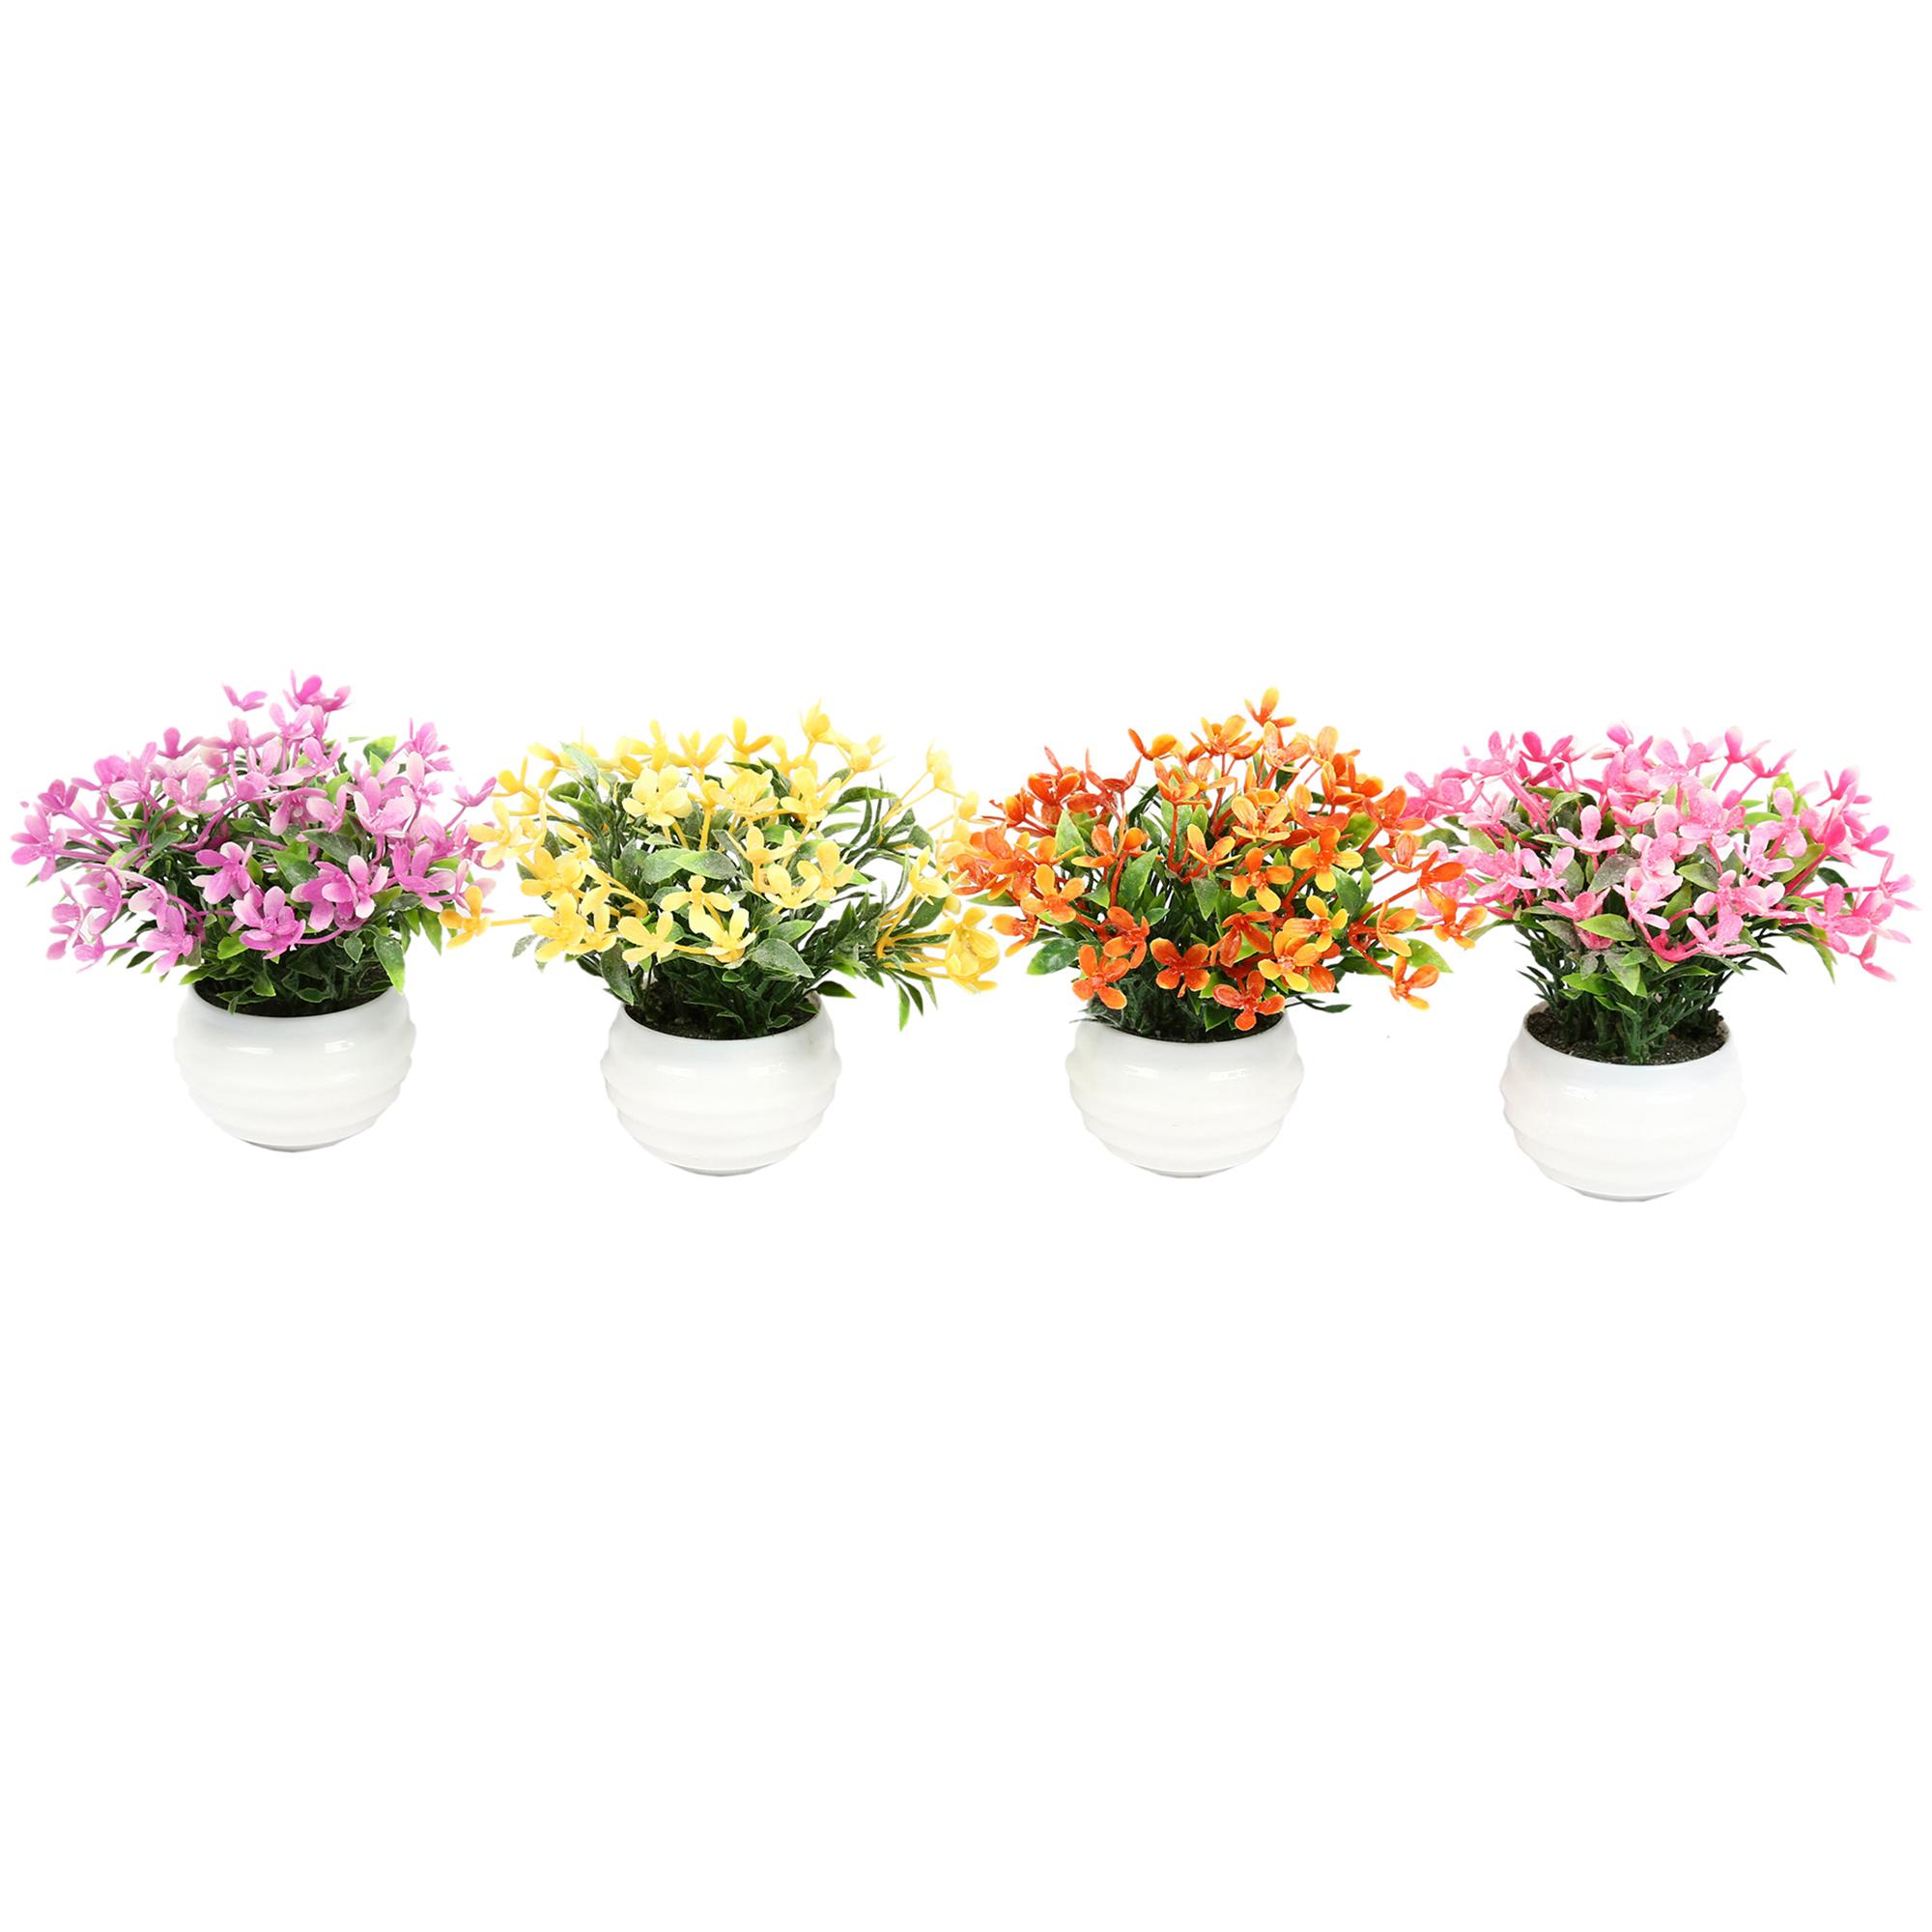 گلدان دکوری به همراه گل مصنوعی هومز مدل 40507 مجموعه 4 عددی